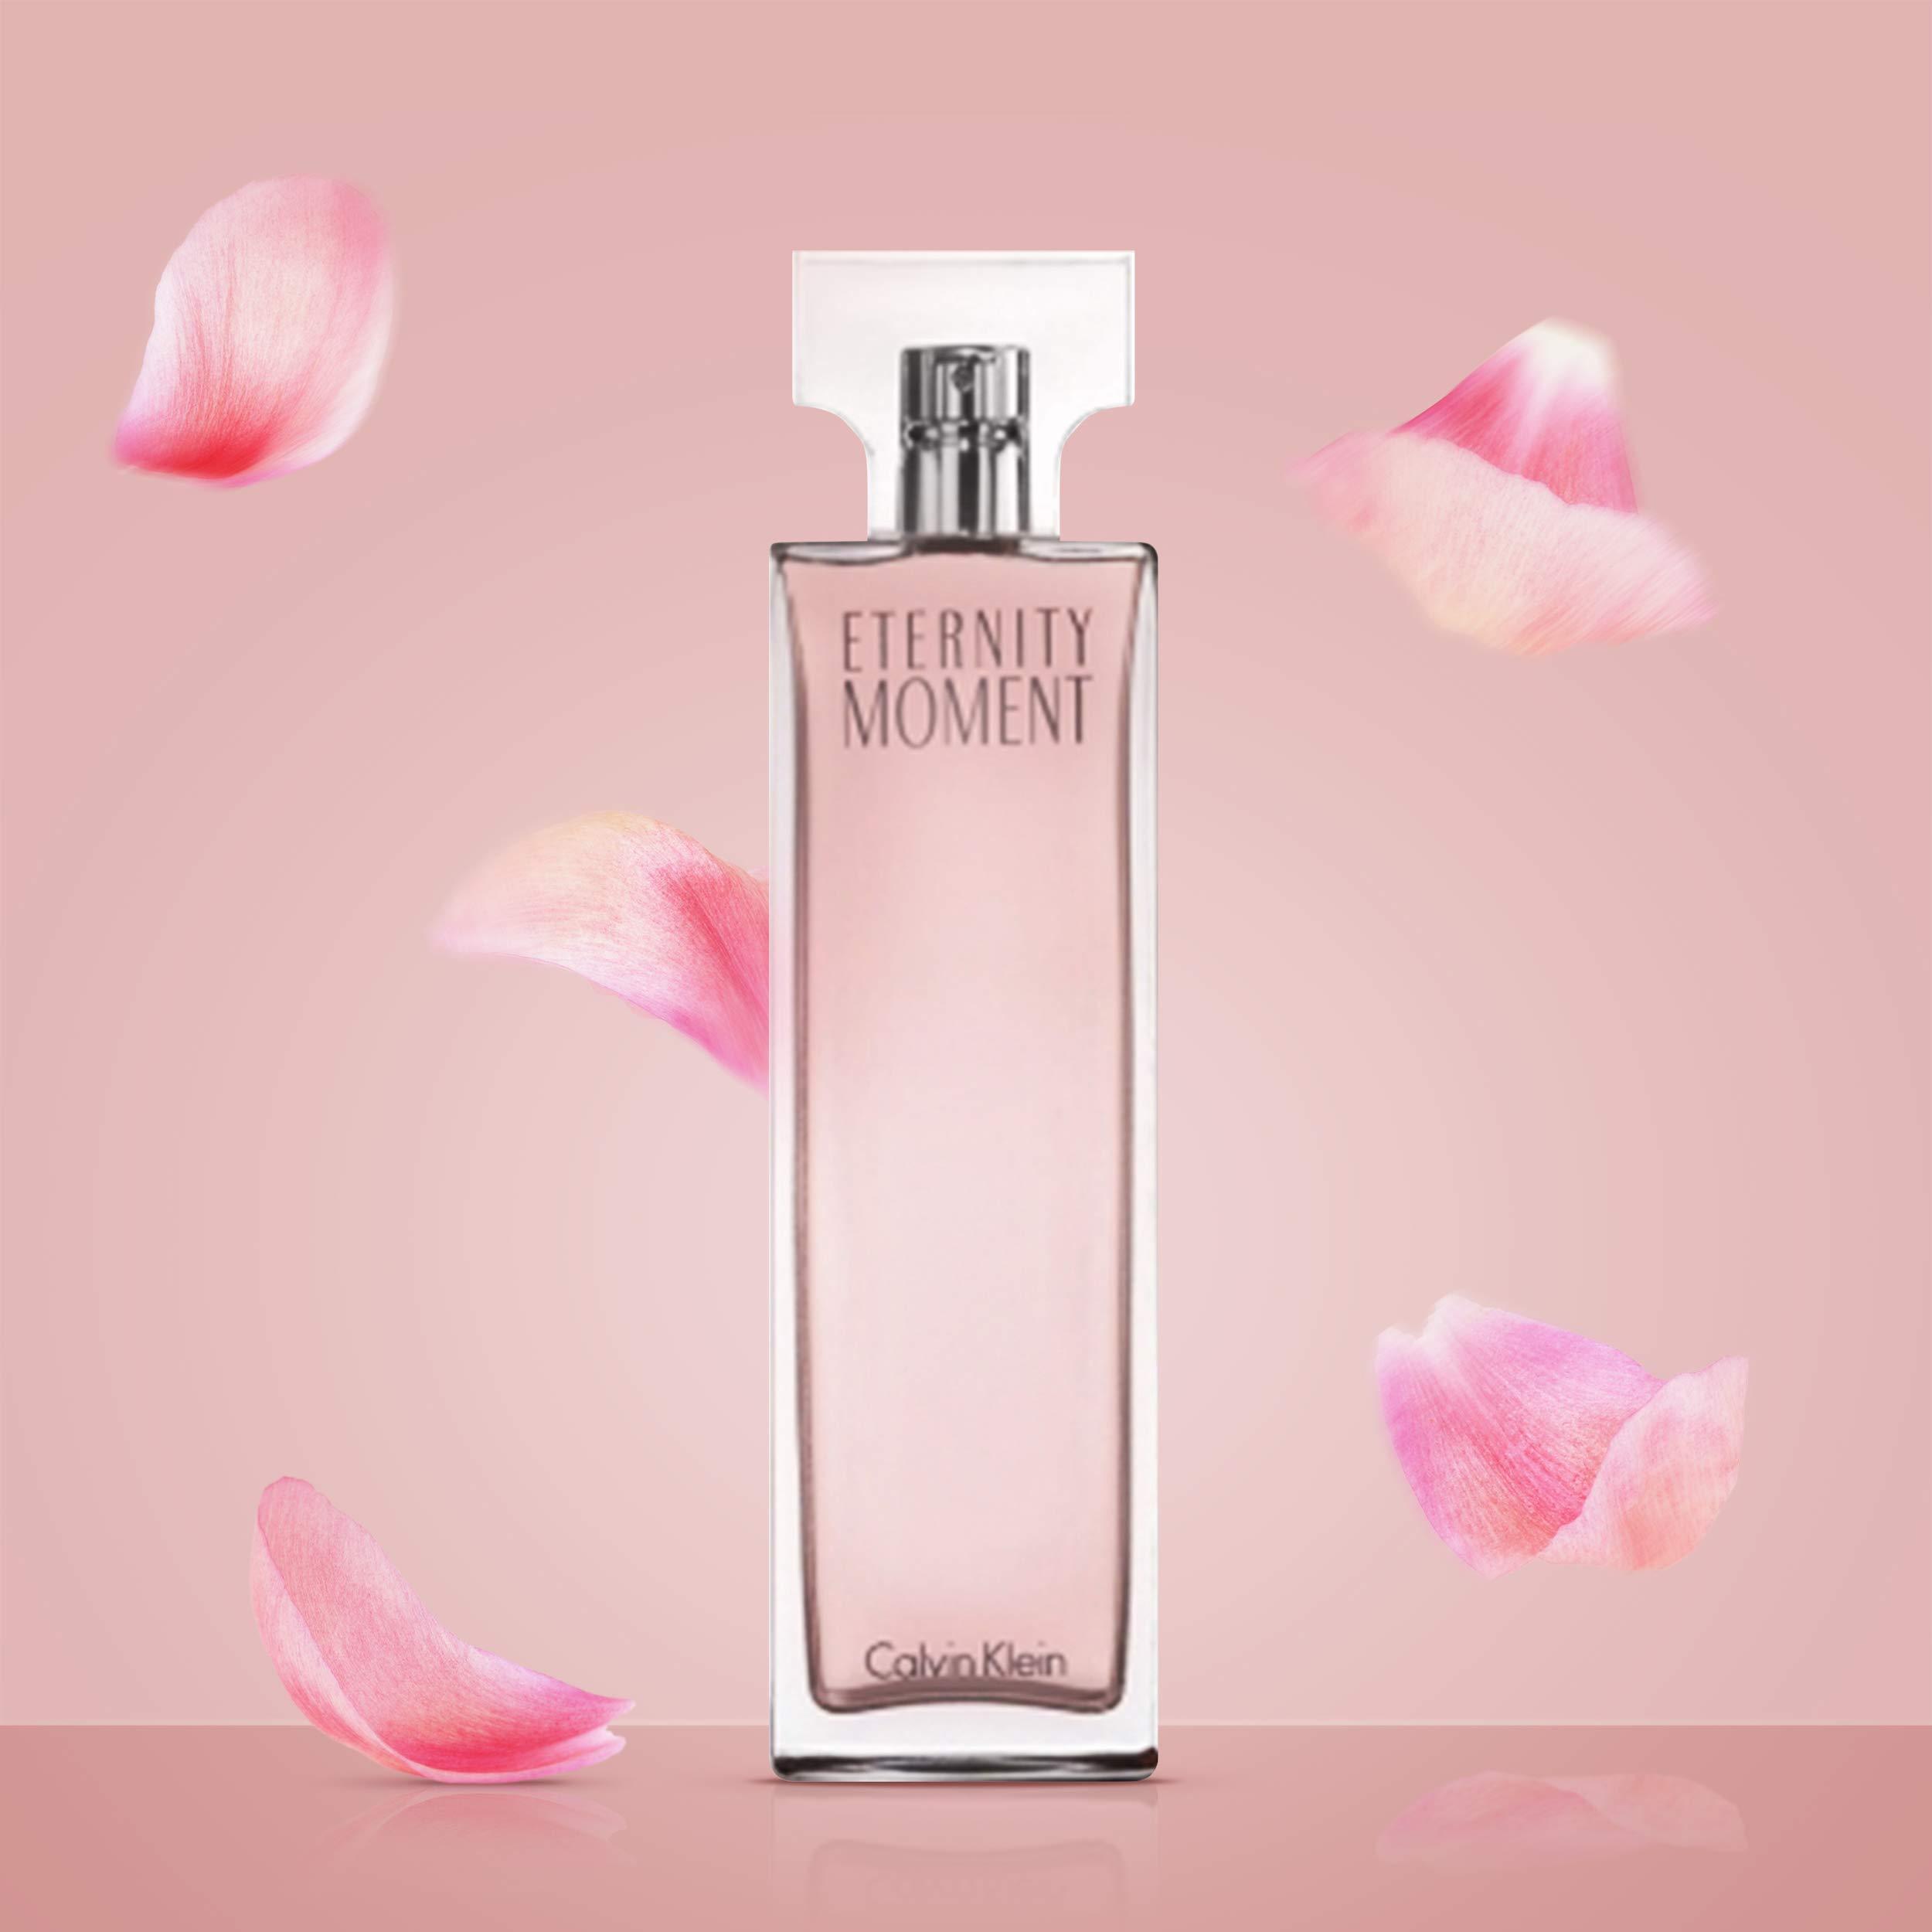 Calvin Klein Eternity Moment for Women Eau de Parfum